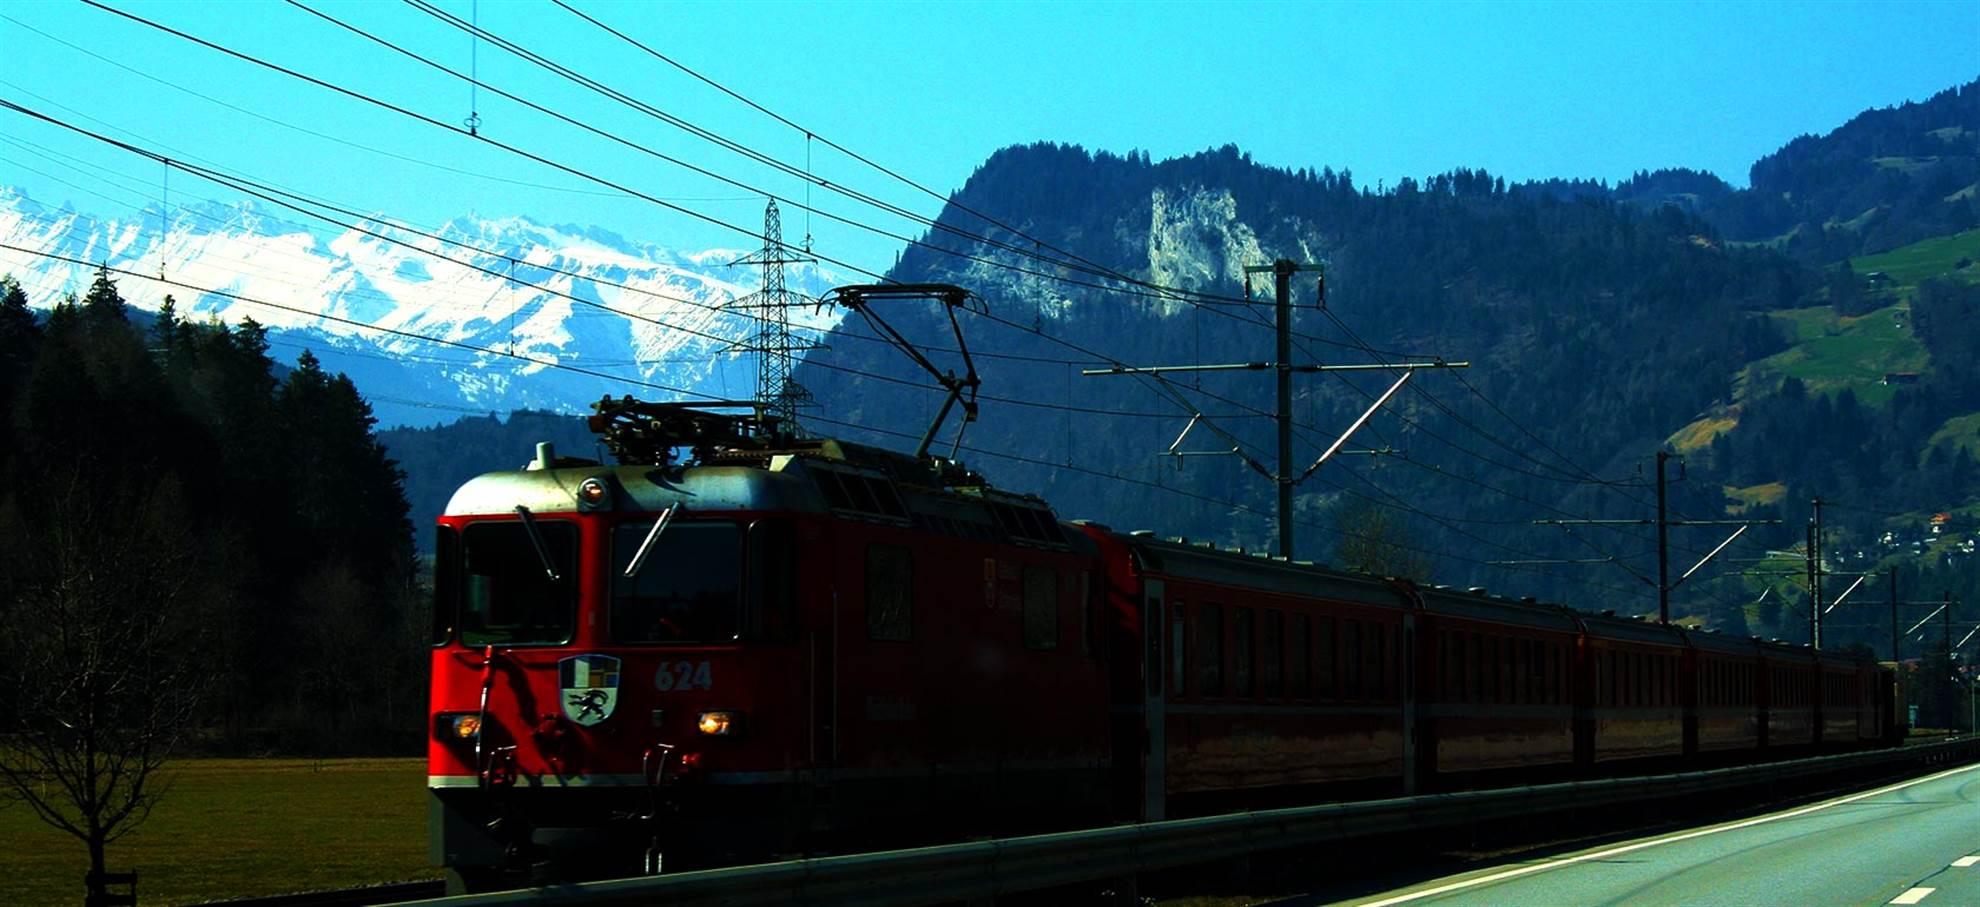 Biglietto del treno da Monaco di Baviera a Neuschwanstein: Biglietto Bayern